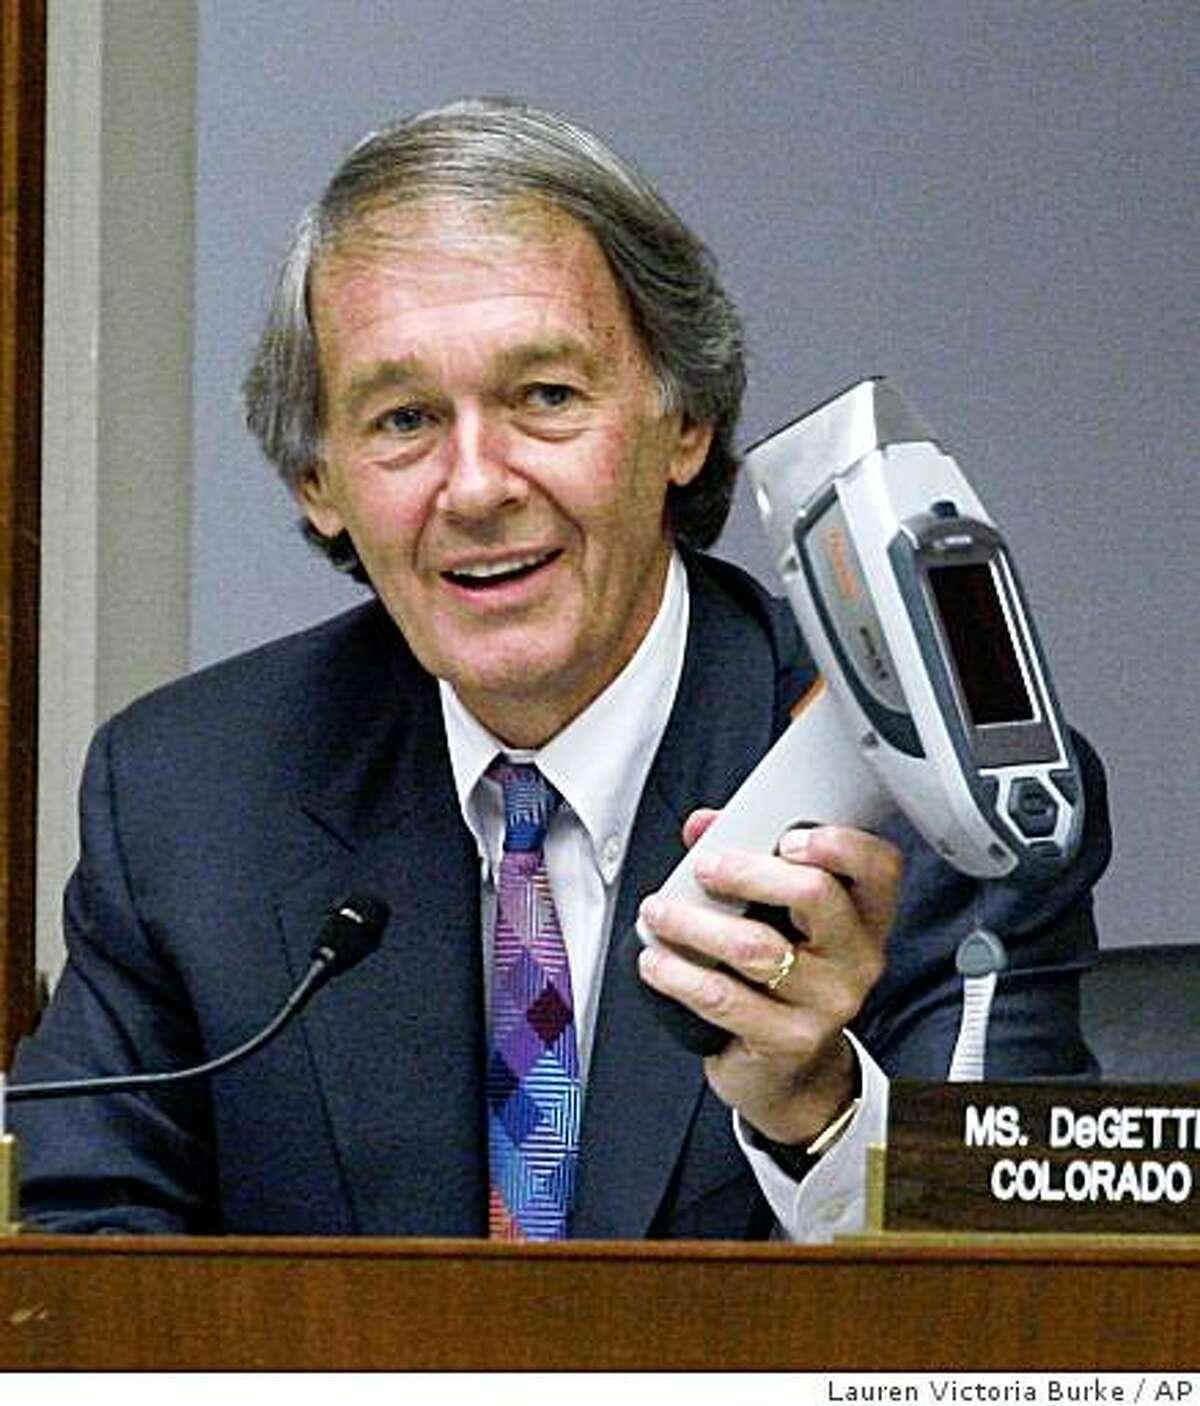 Rep. Edward Markey, D-Mass, Sept. 19, 2007